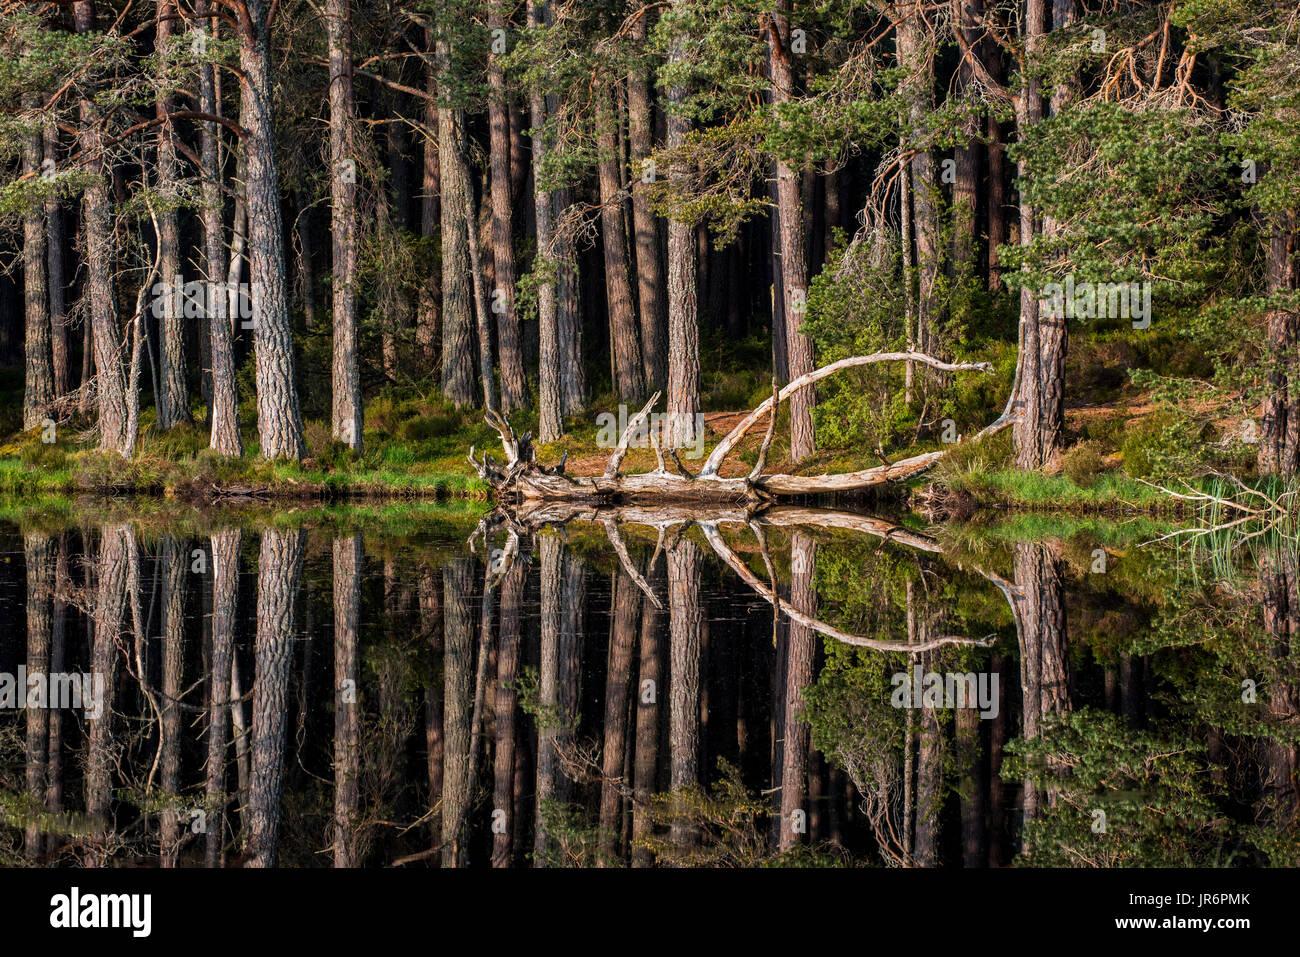 scots-pine-trees-on-the-shore-of-loch-garten-reflected-in-water-abernethy-JR6PMK.jpg